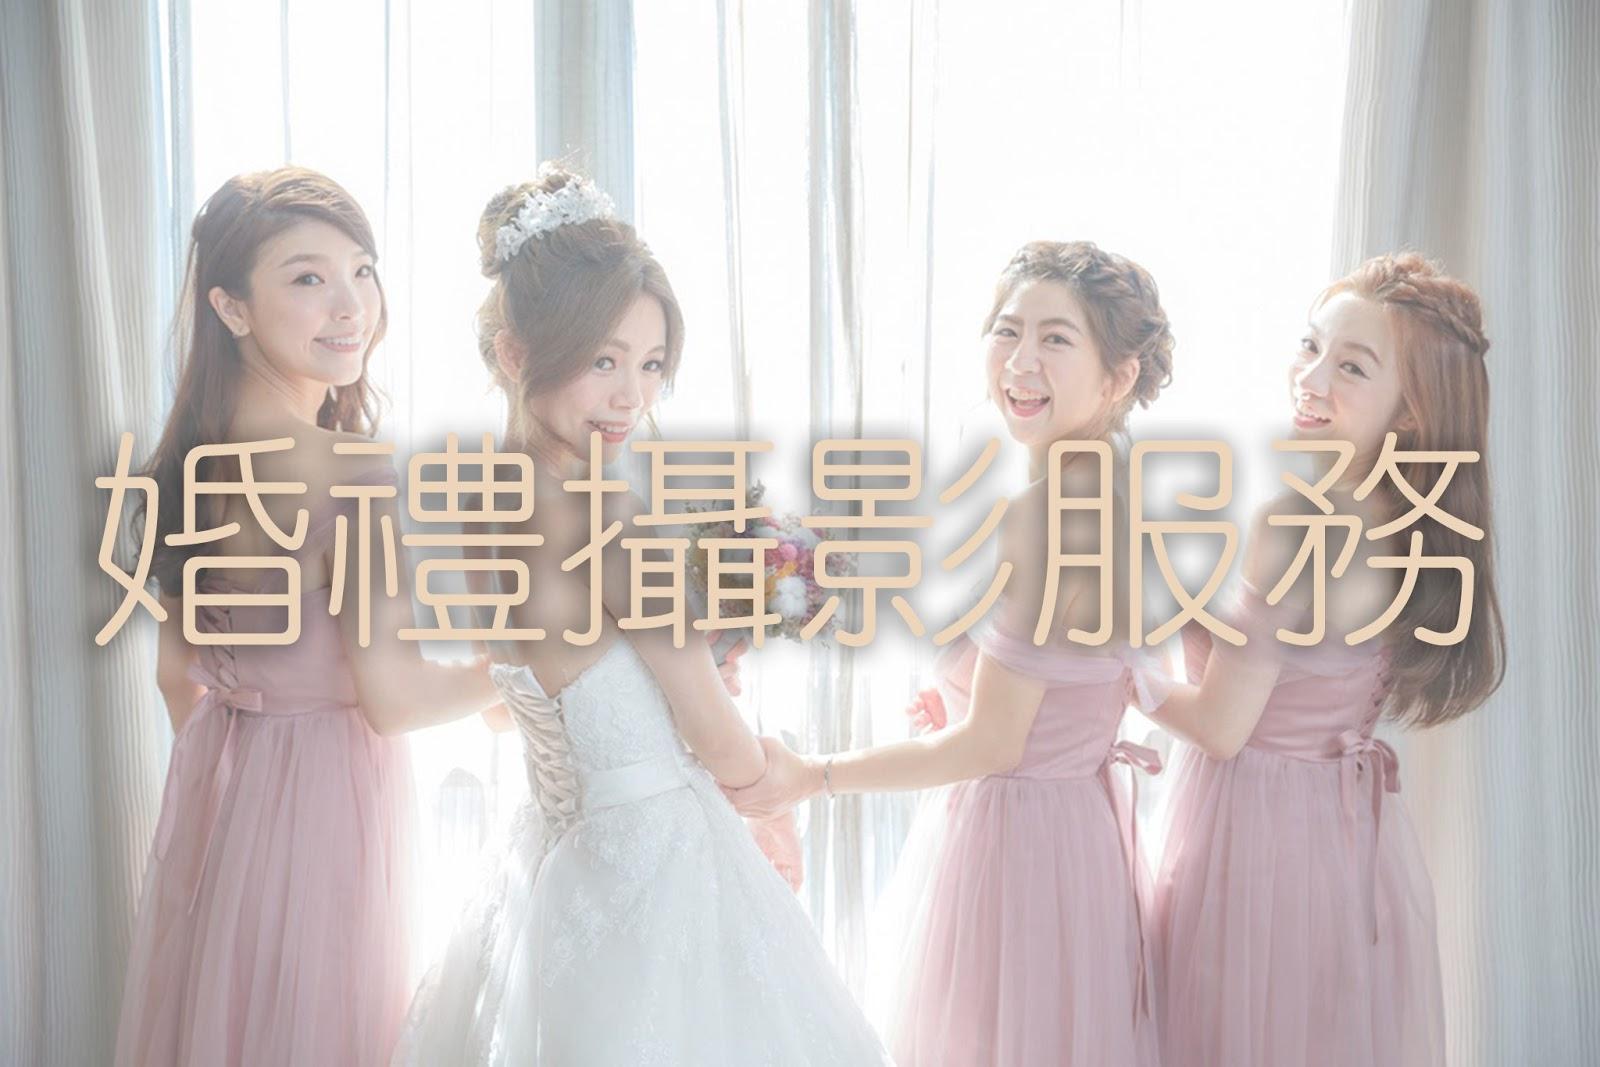 台北婚禮攝影 得獎攝影師 攝影推薦 PTT weddingday 結婚吧 小布哥好評 優質  瑪朵婚禮 人像大師 桃園攝影師 帶氣氛